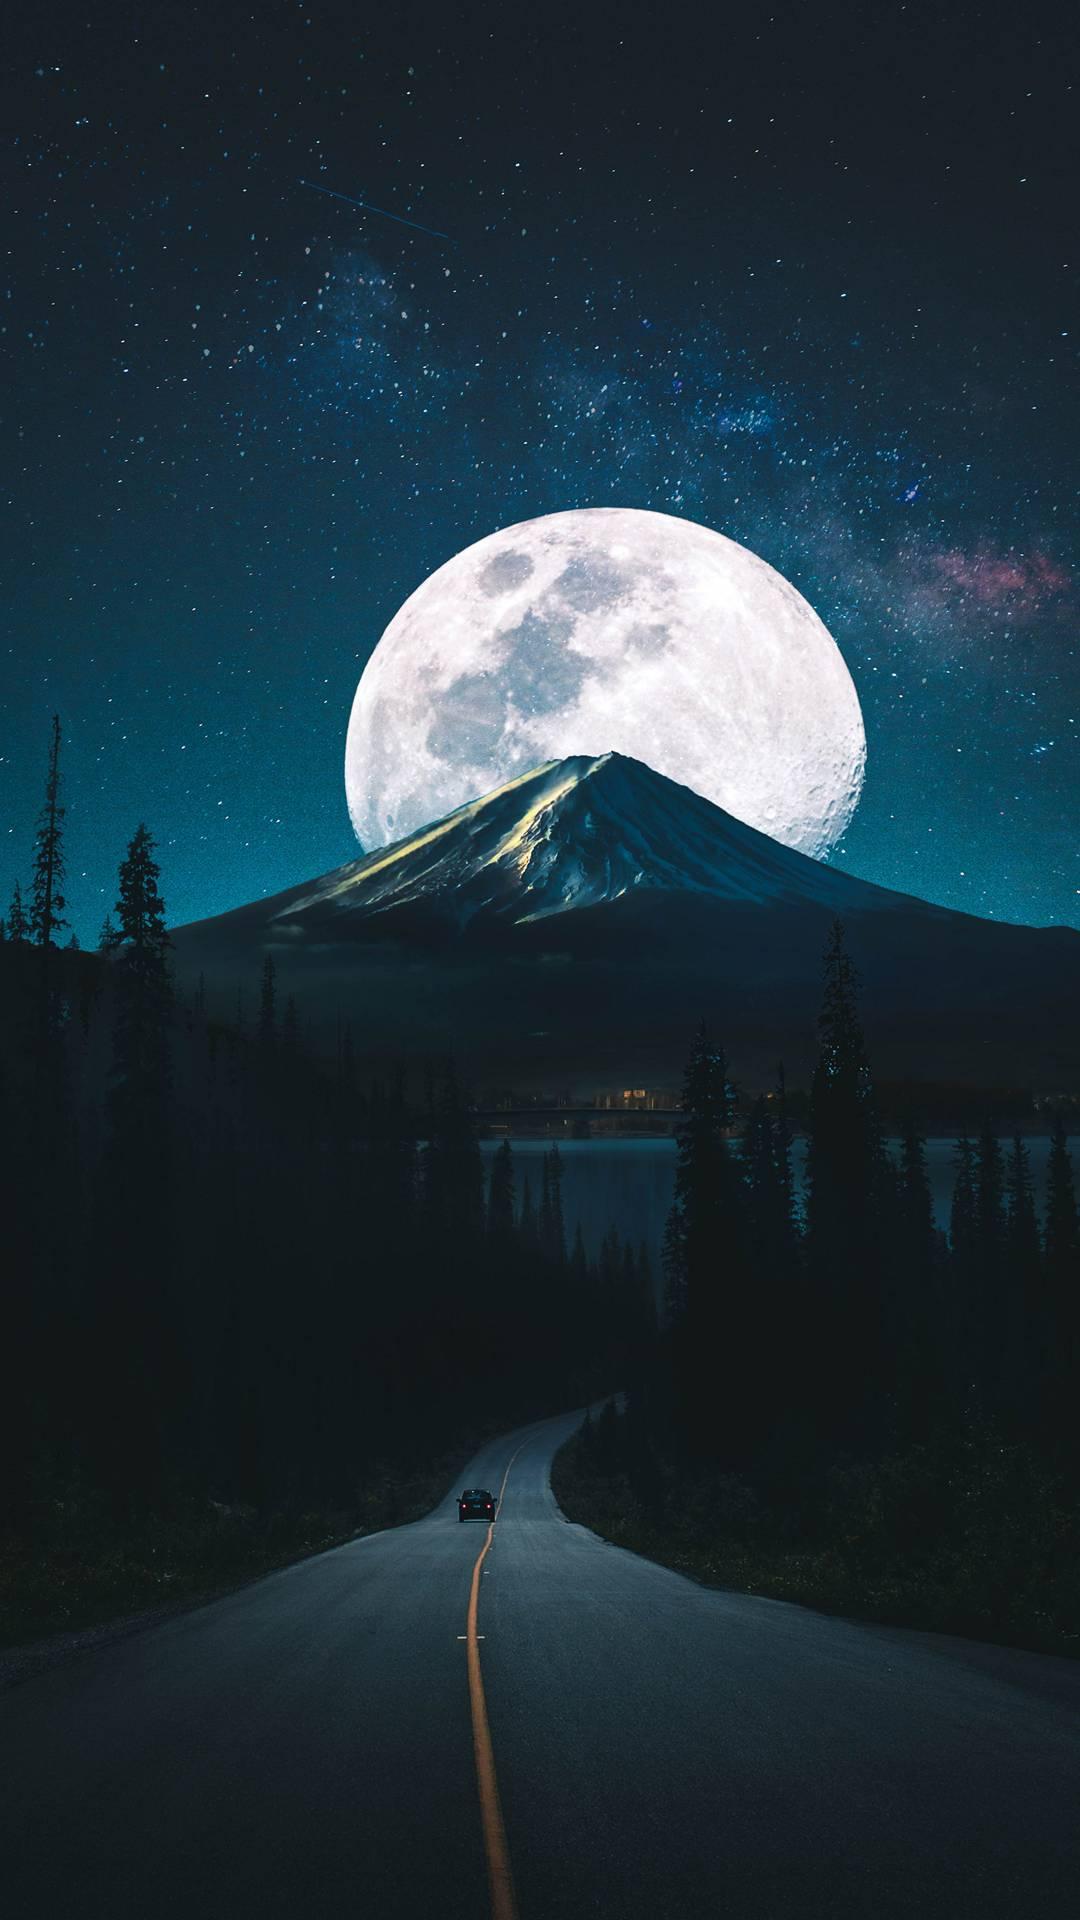 Mountain Moon 8a0a0f10 4914 4150 bad8 d7b51afe41f5 - Pack de Fondos de Pantalla de Montañas